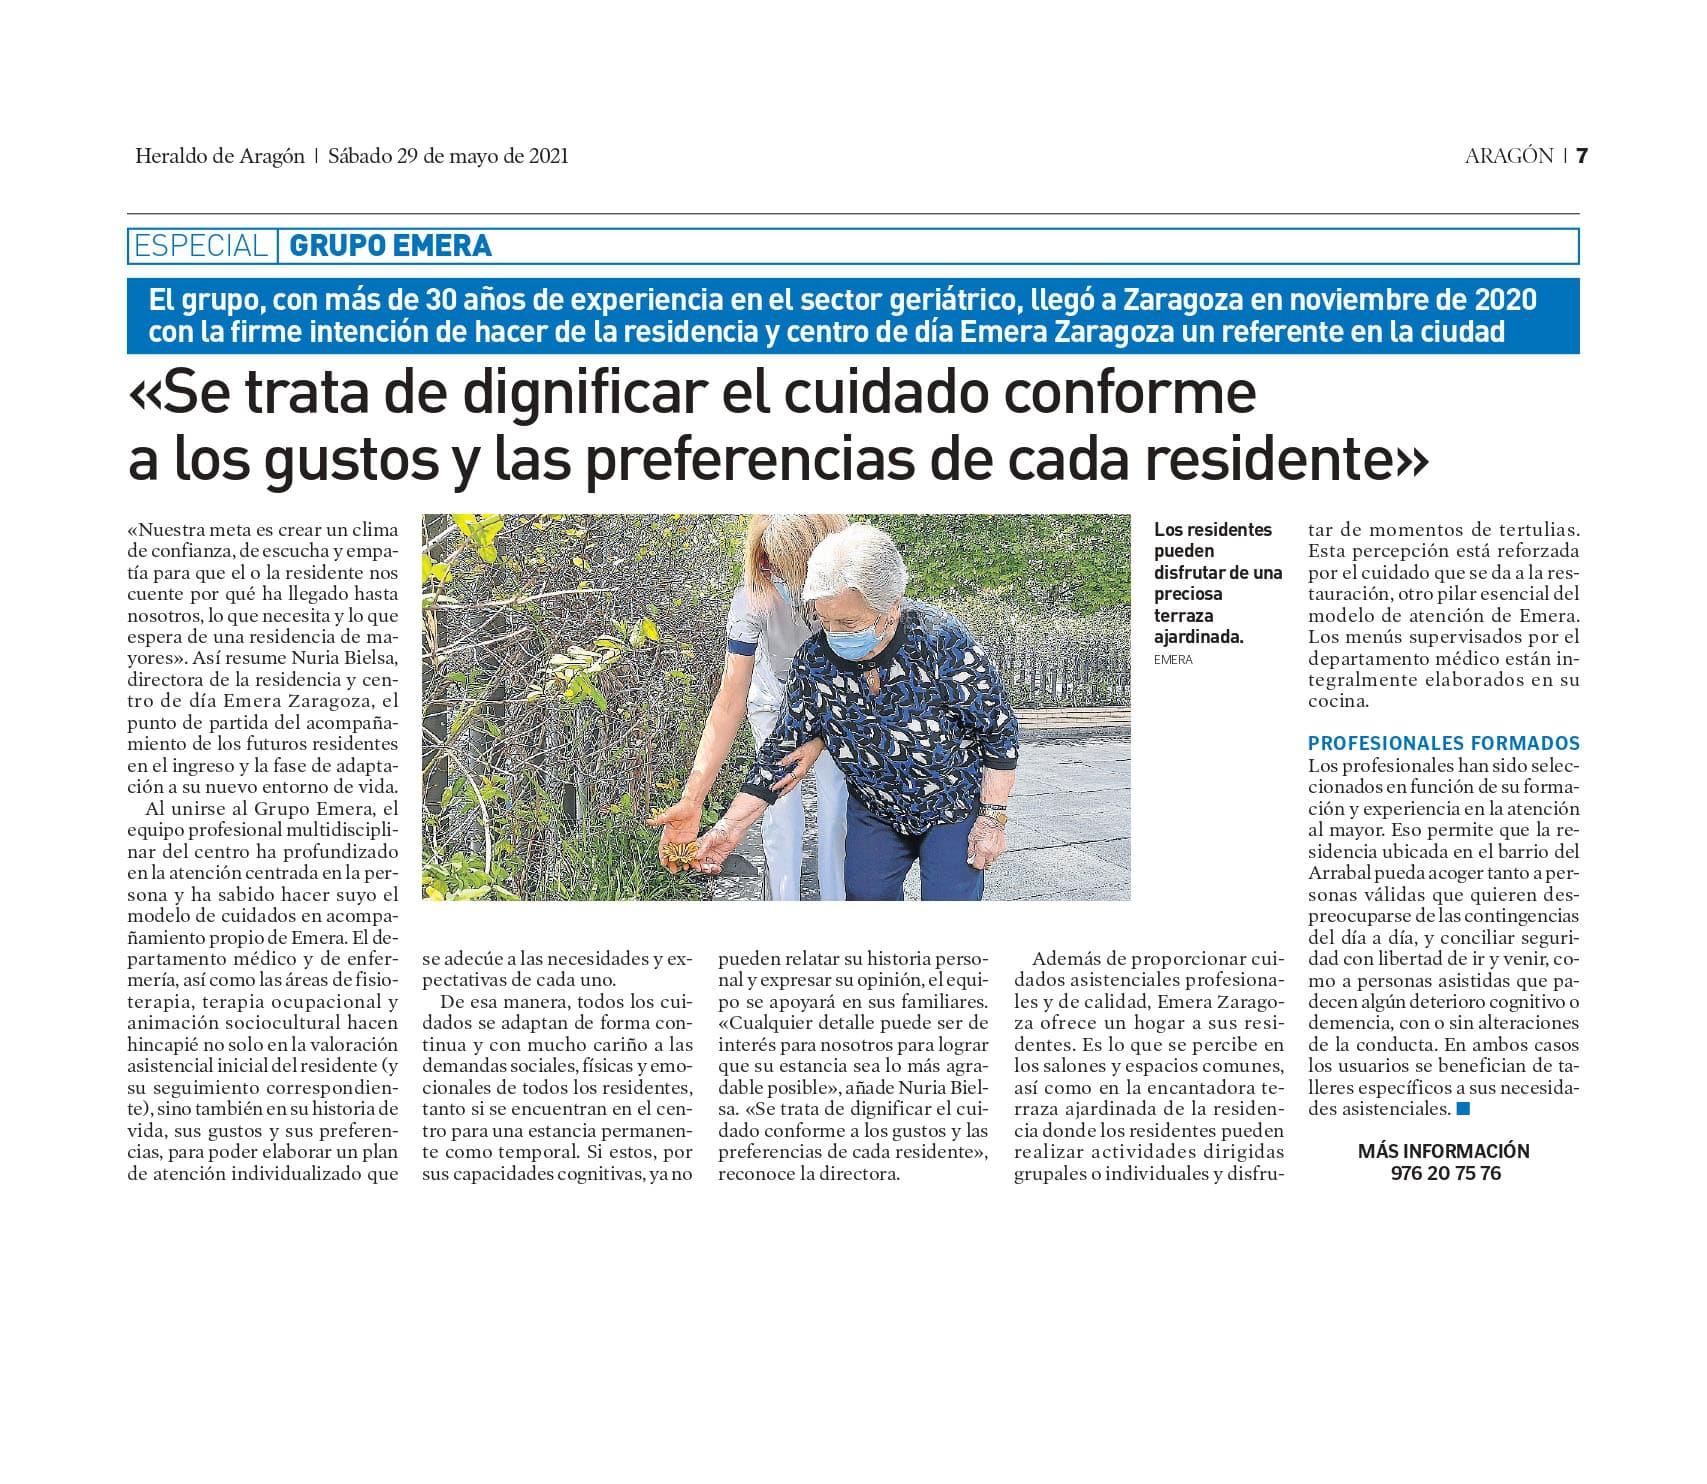 Residencia de mayores Emera Zaragoza en el Heraldo